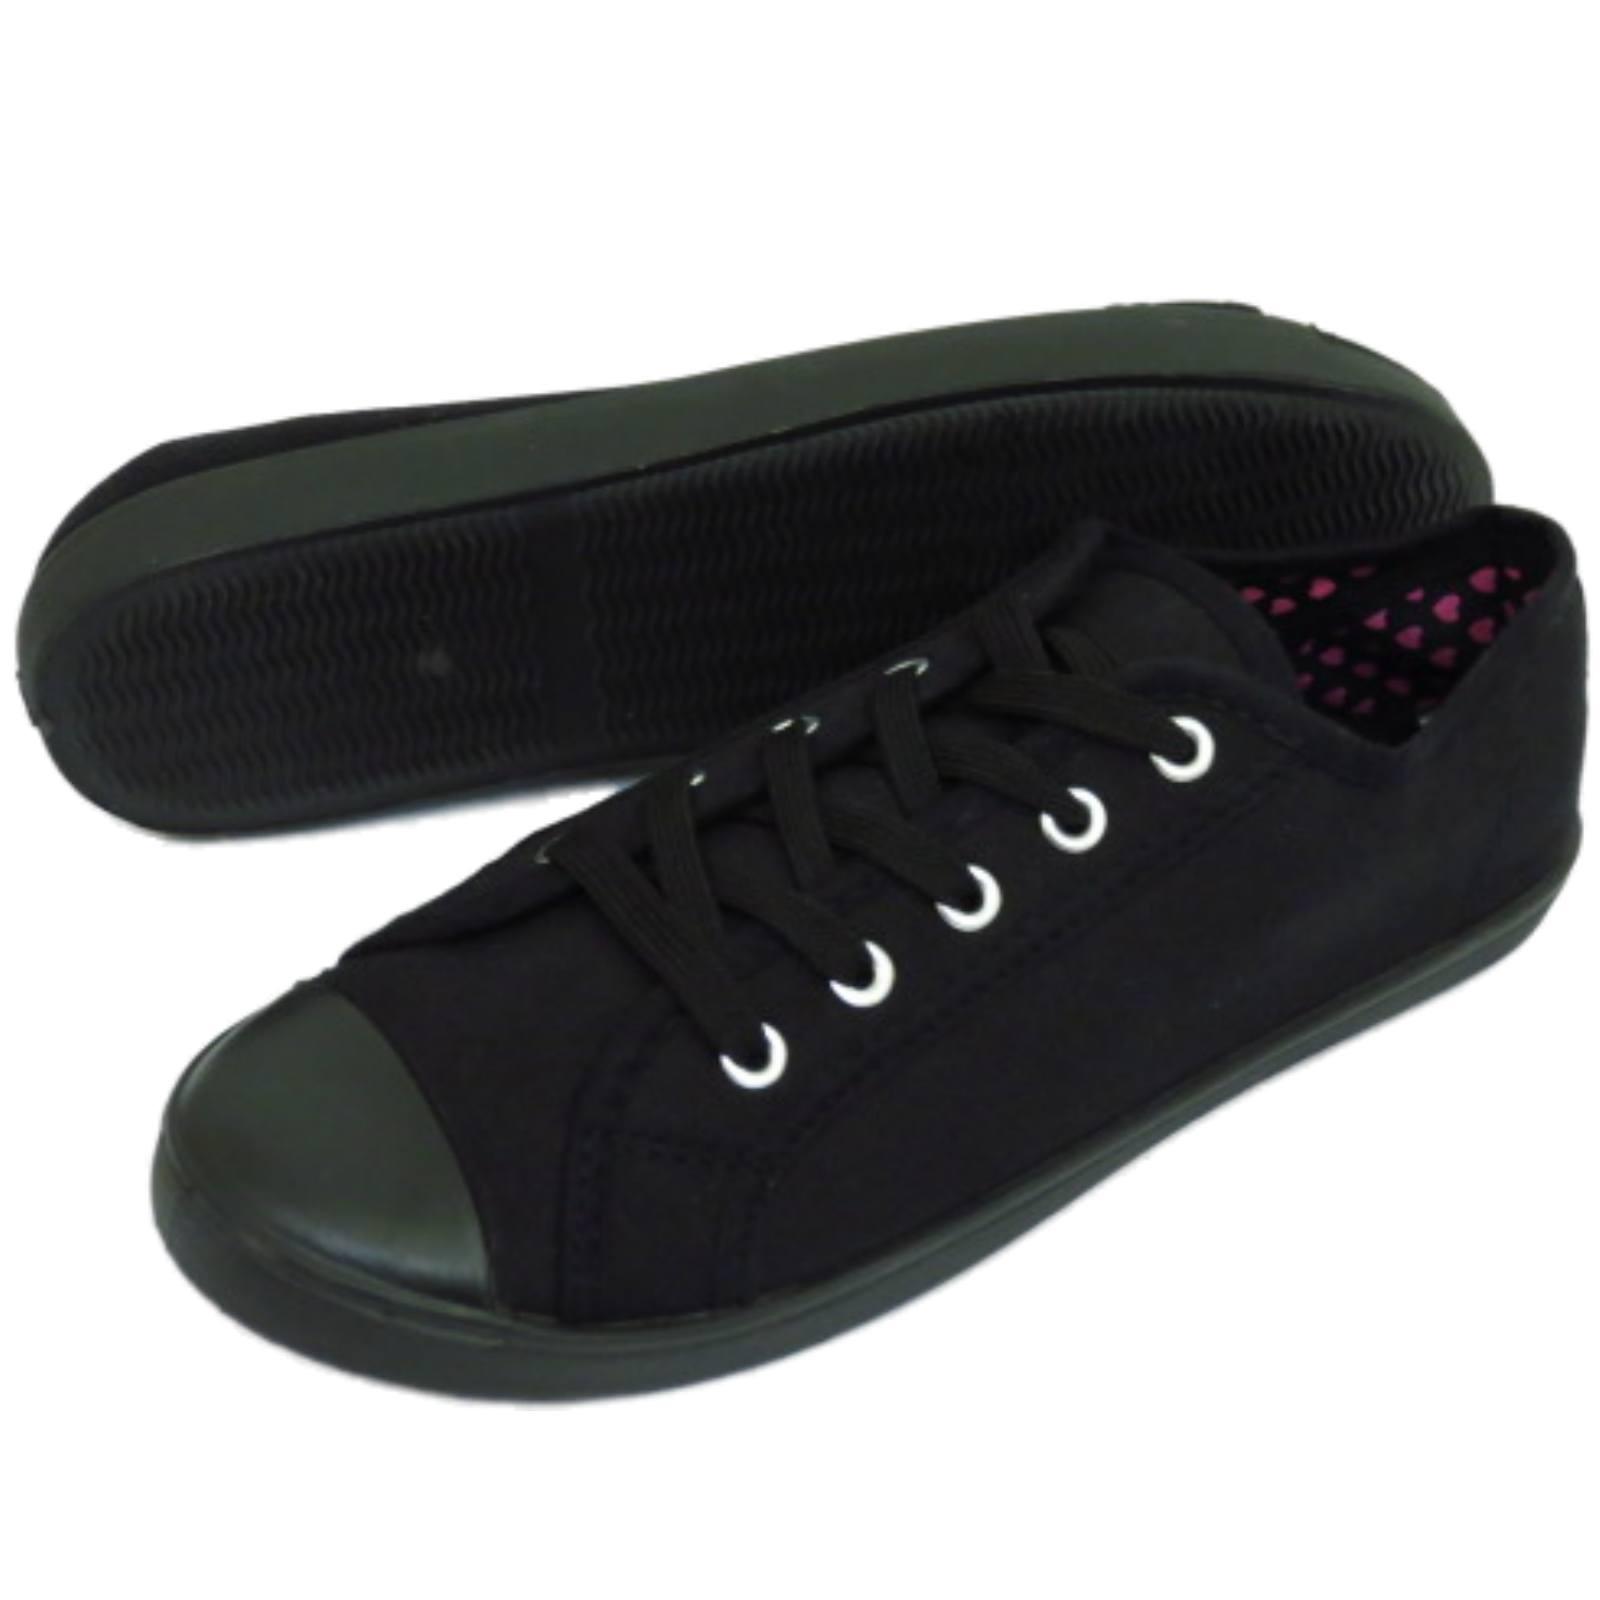 Señoras Negras De Lona Con Cordones Plana Informal Zapatos entrenador Playera bombas Tamaños 3-9